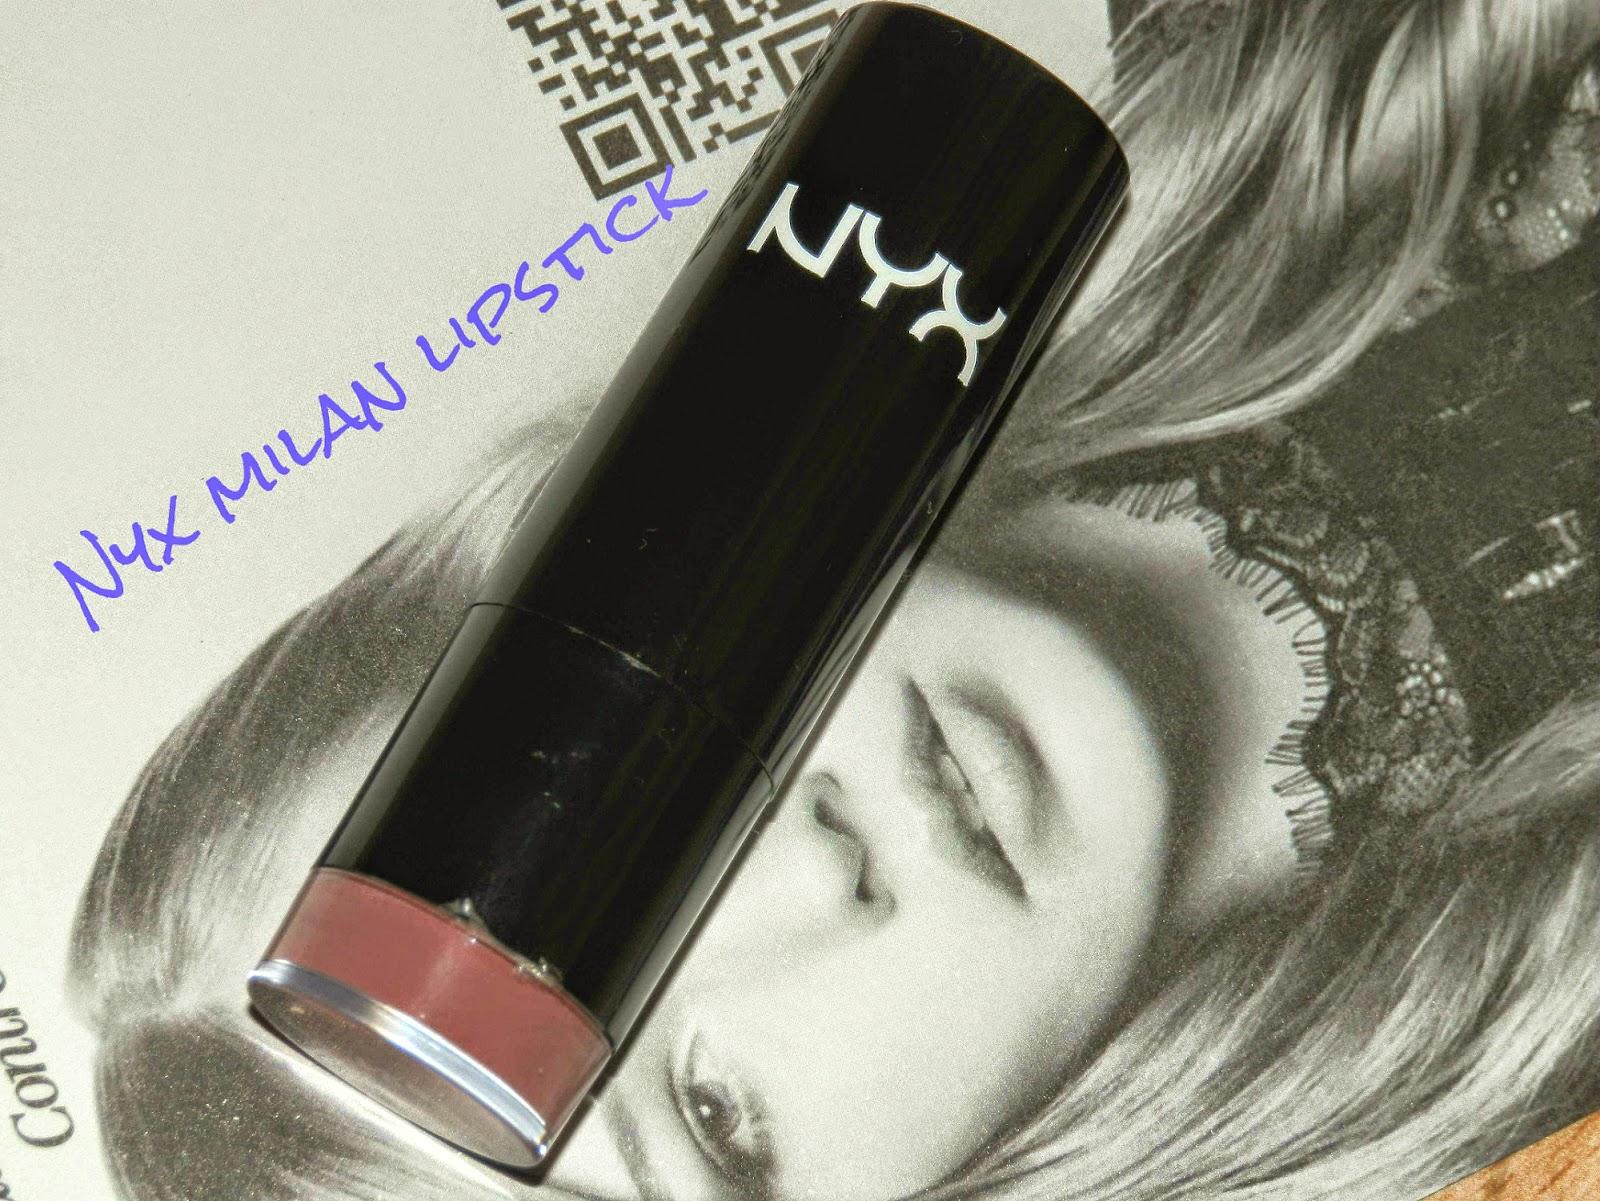 NYX Round Lipstick Milan Swatches